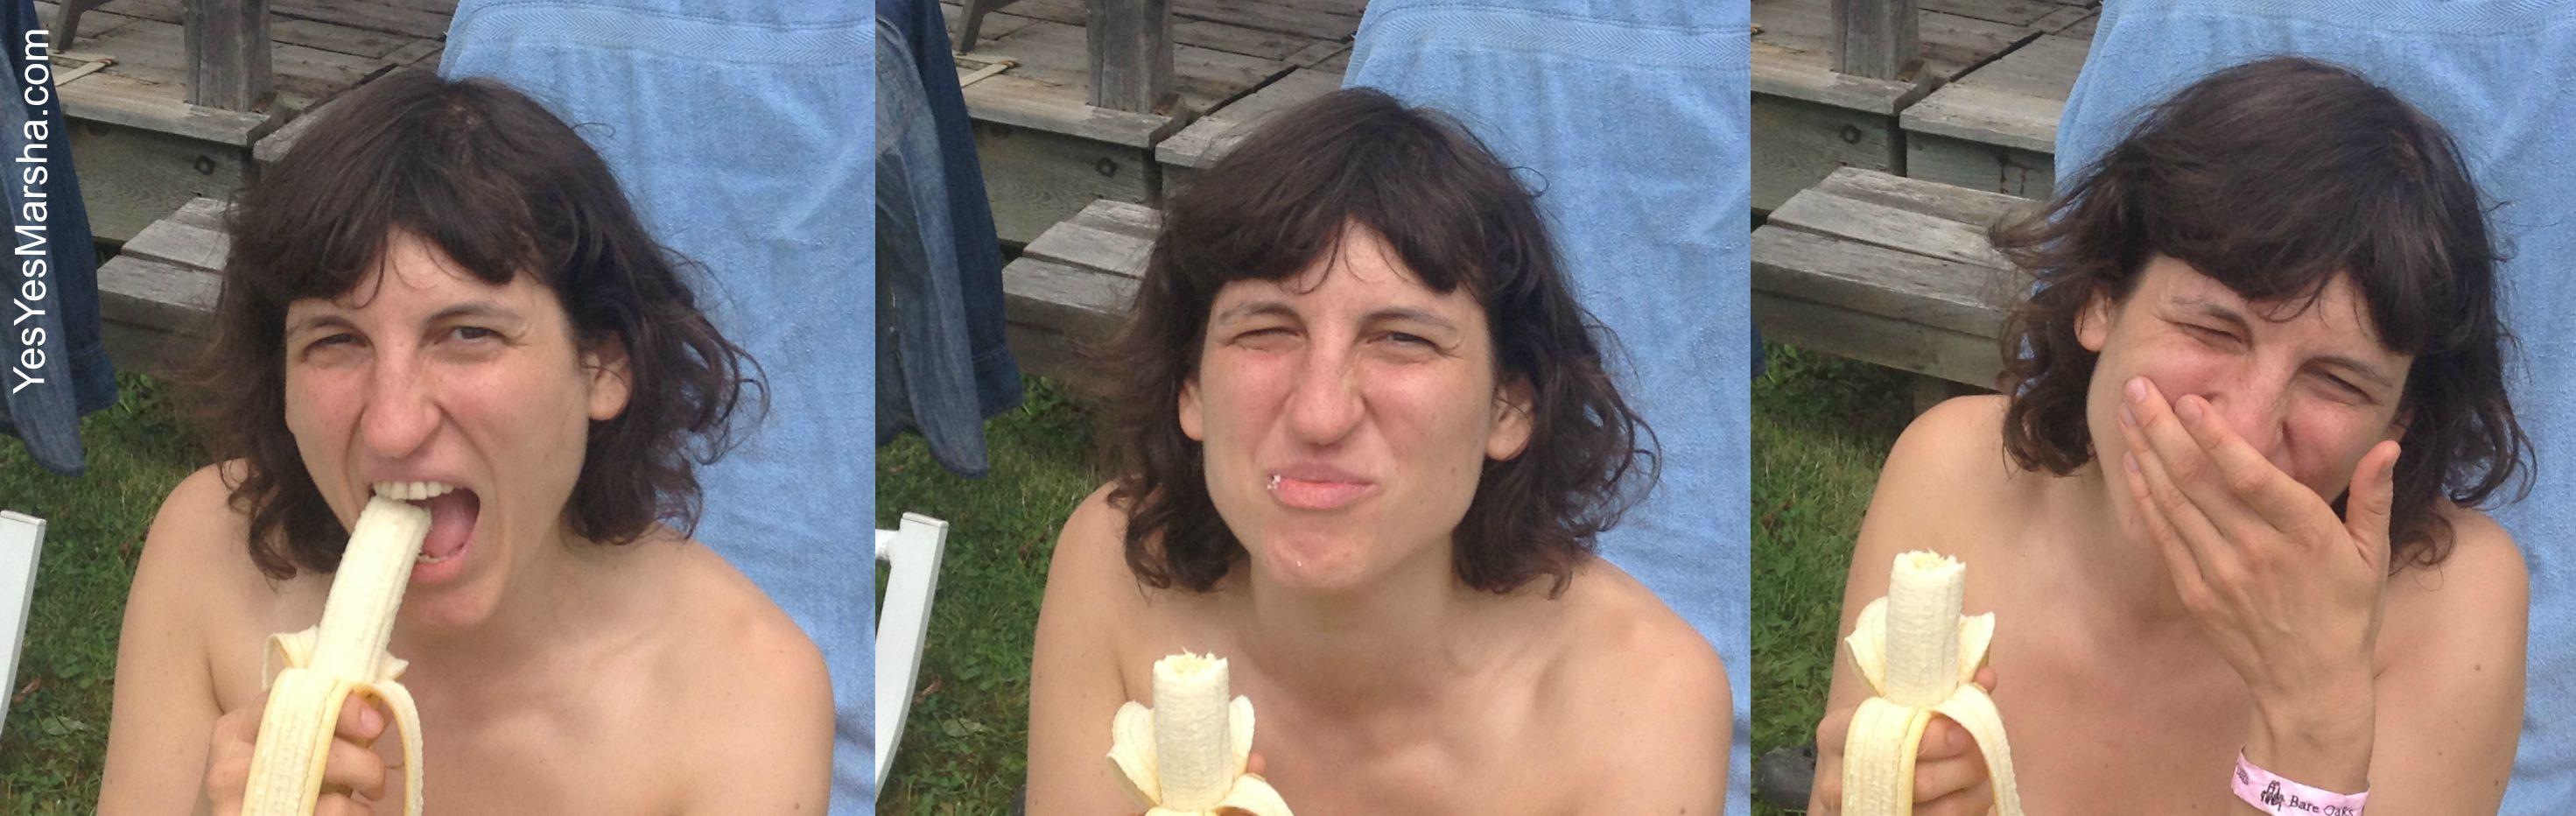 best of Campsite girls Nudist